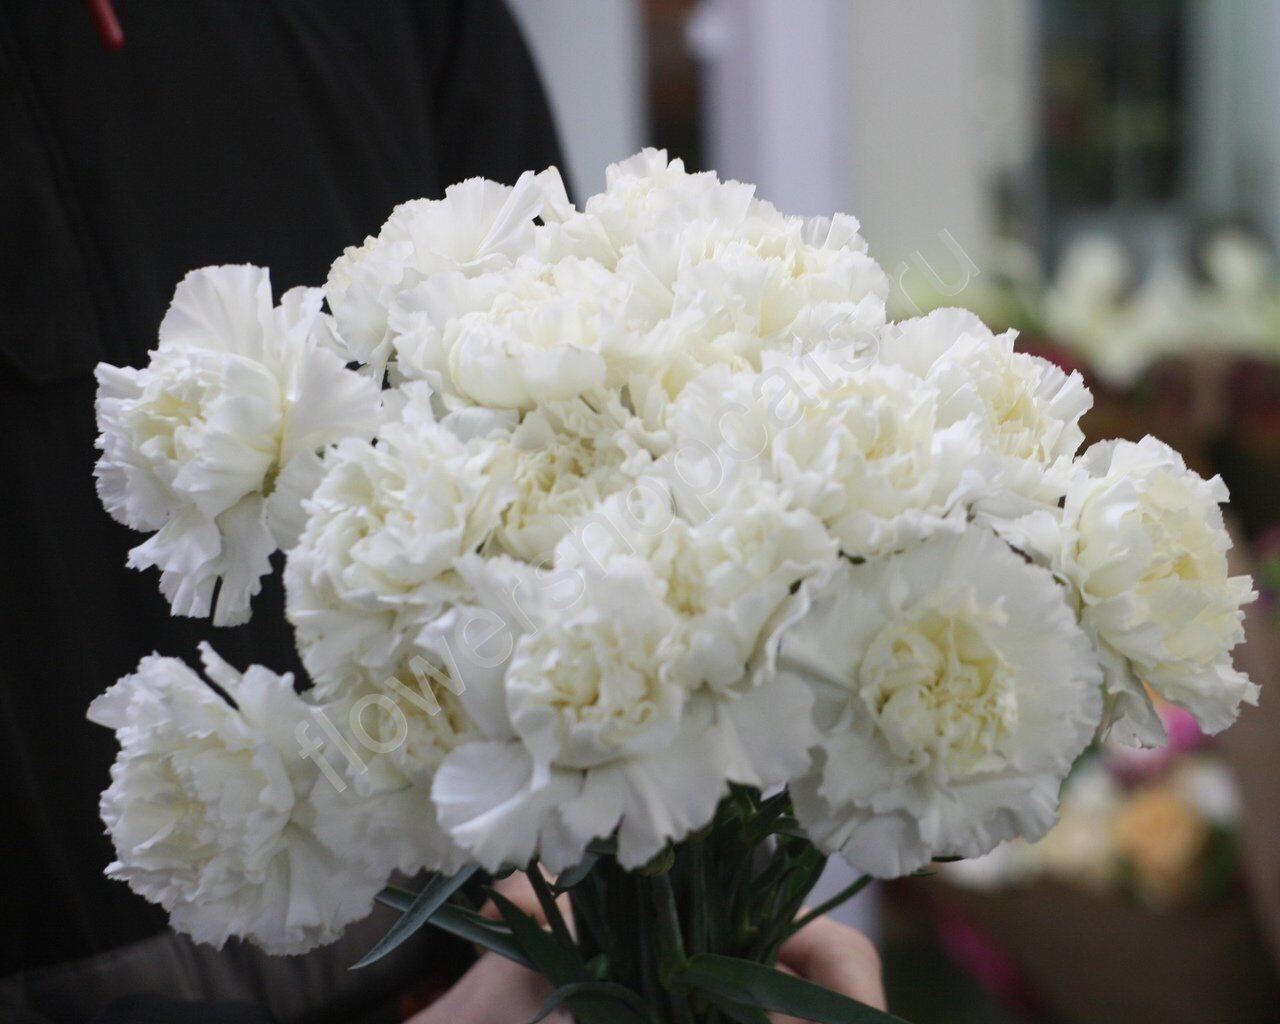 Картинки с цветами белых роз тогда, когда